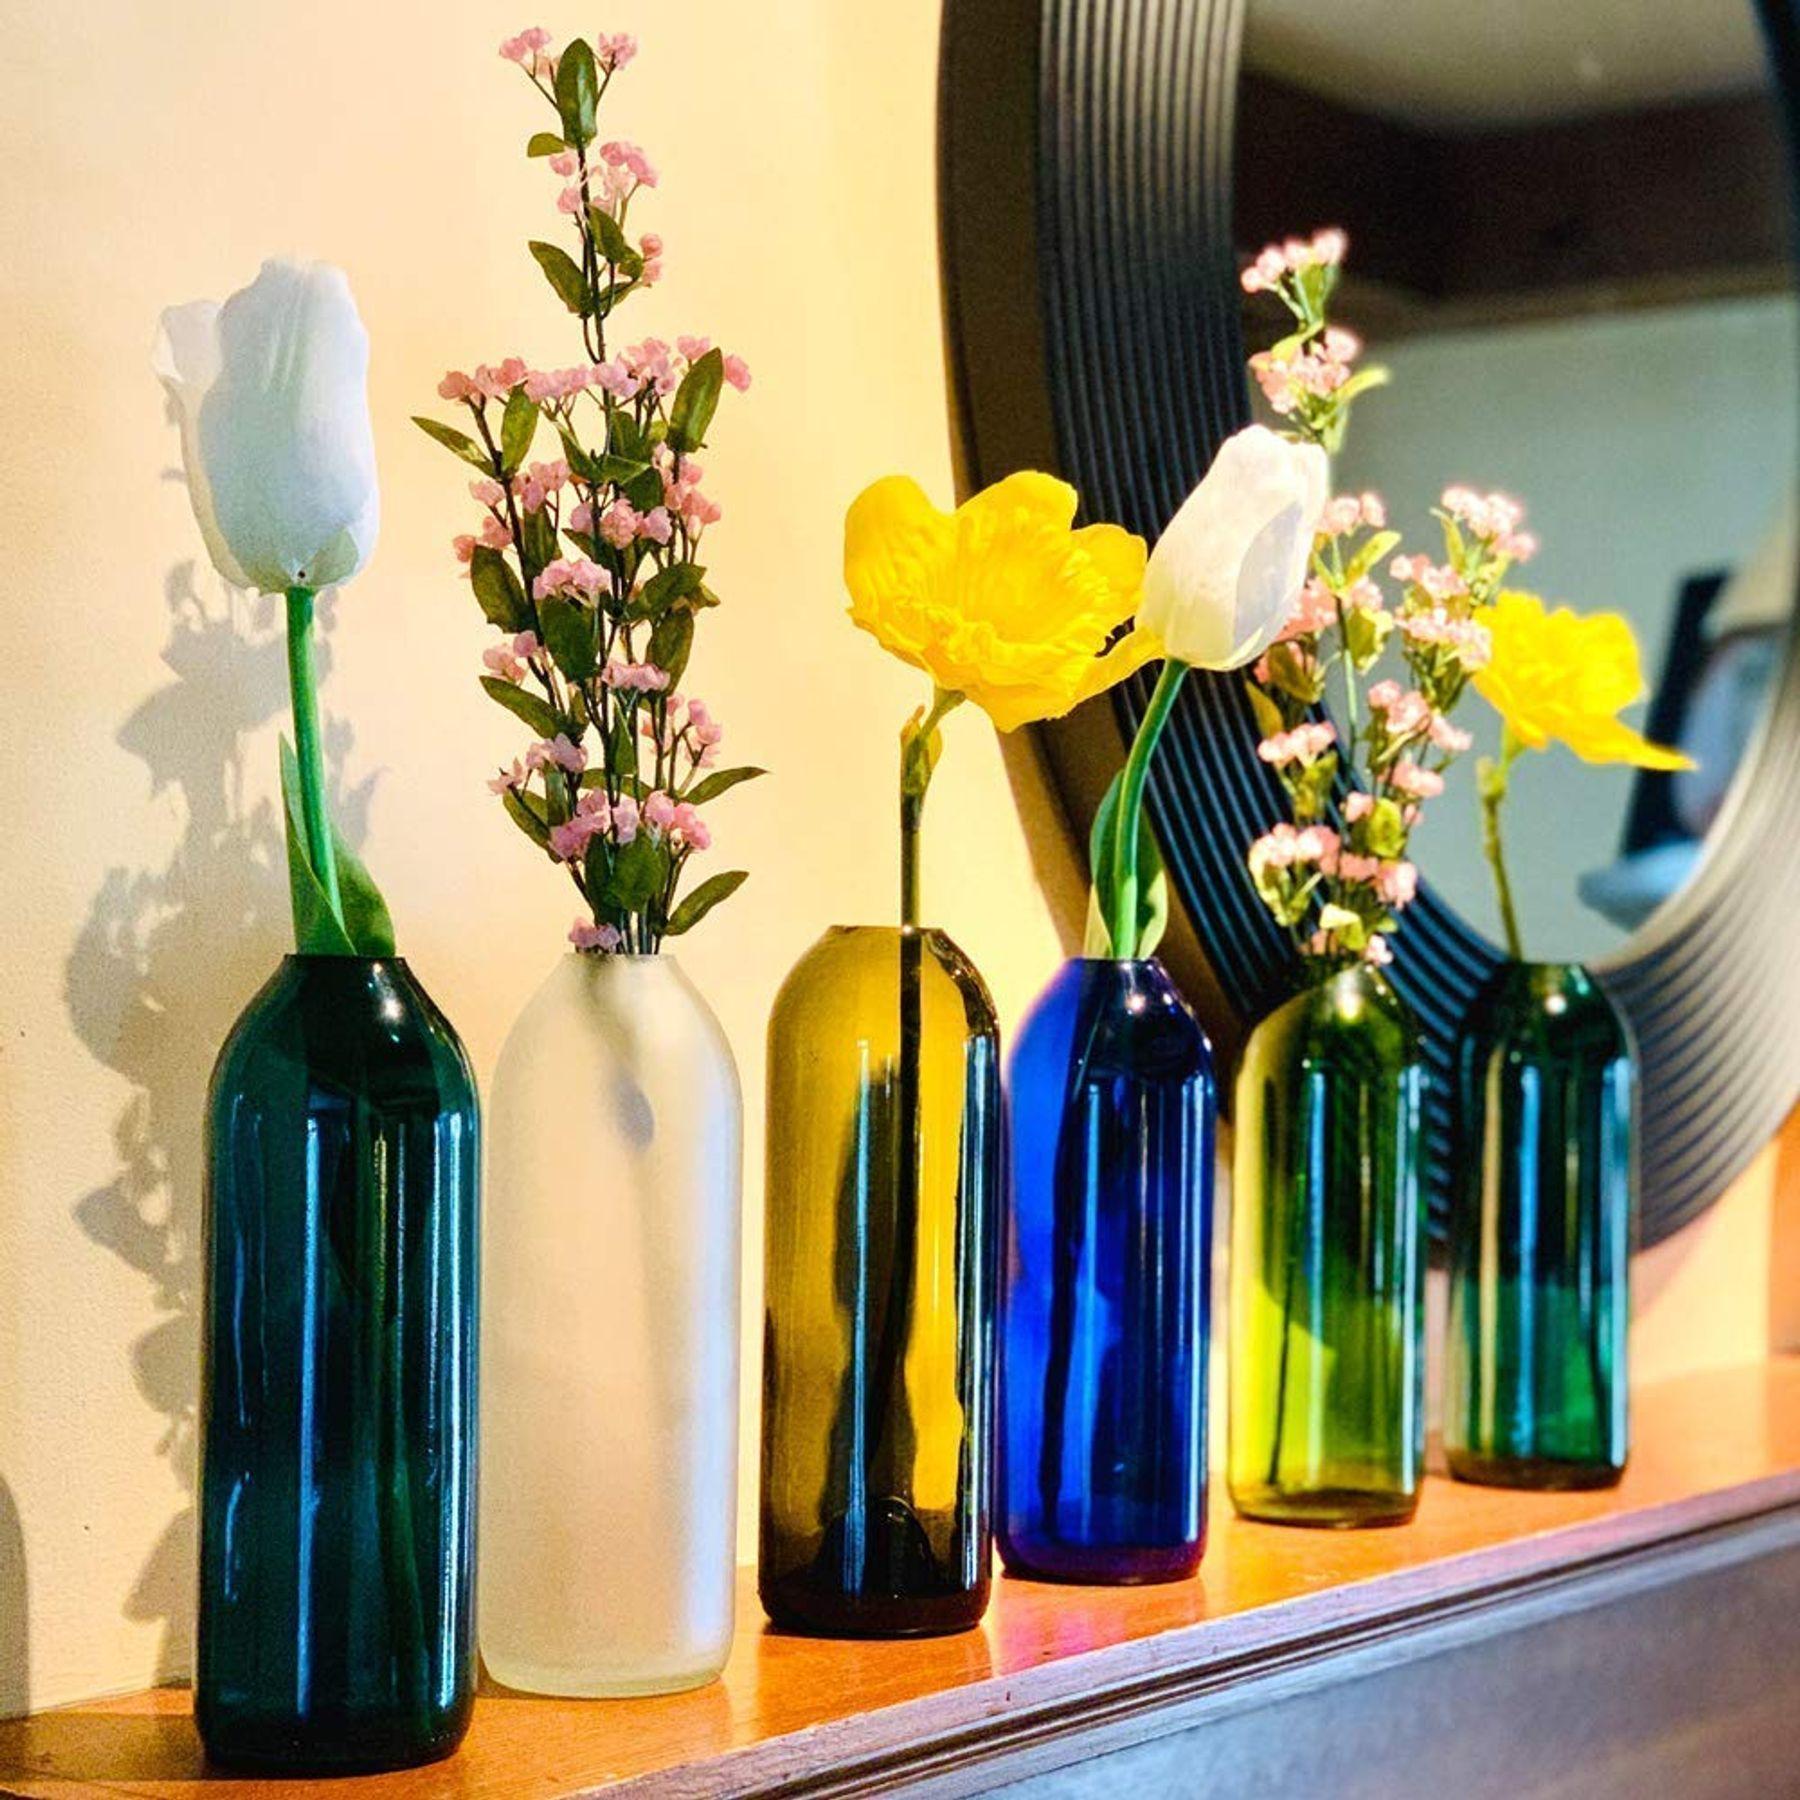 Tái chế chai thủy tinh thành lọ đựng hoa